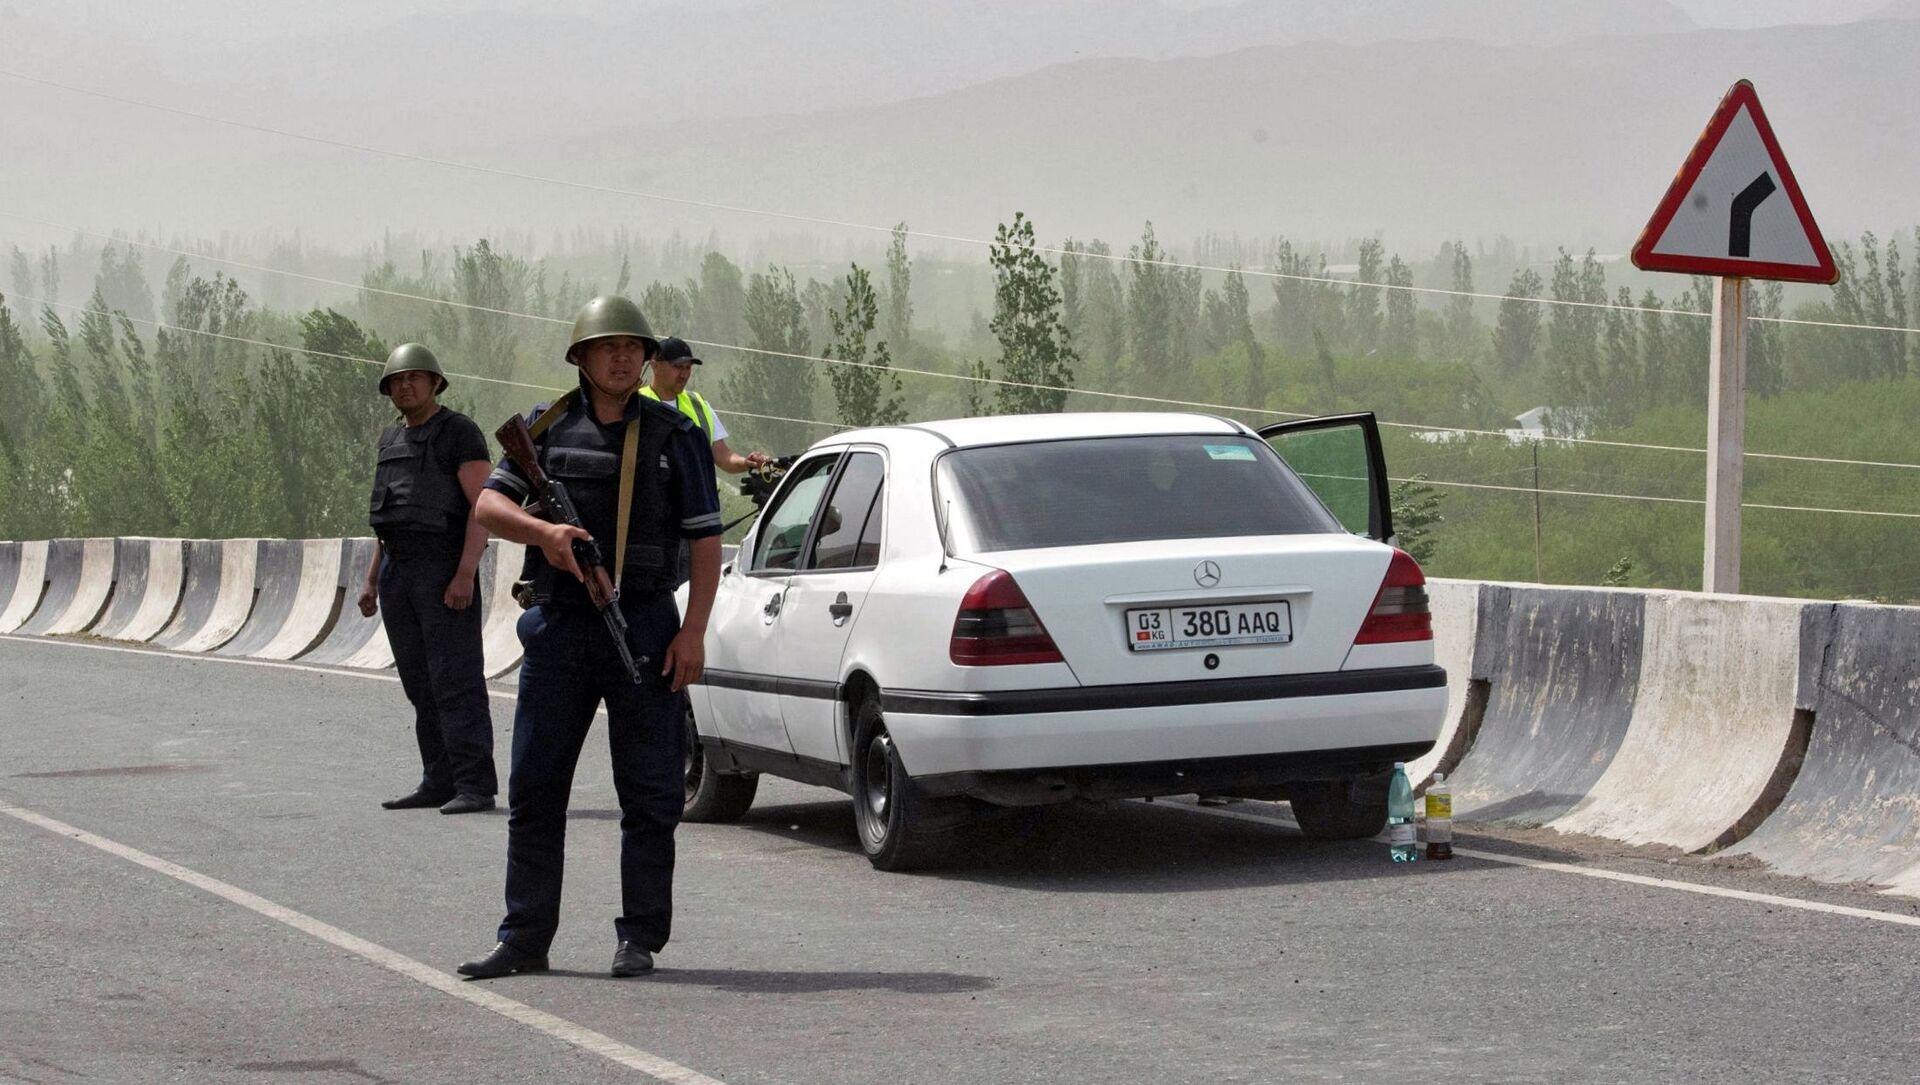 Военнослужащие и сотрудники полиции Кыргызстана в районе села Кок-Таш - Sputnik Беларусь, 1920, 01.05.2021